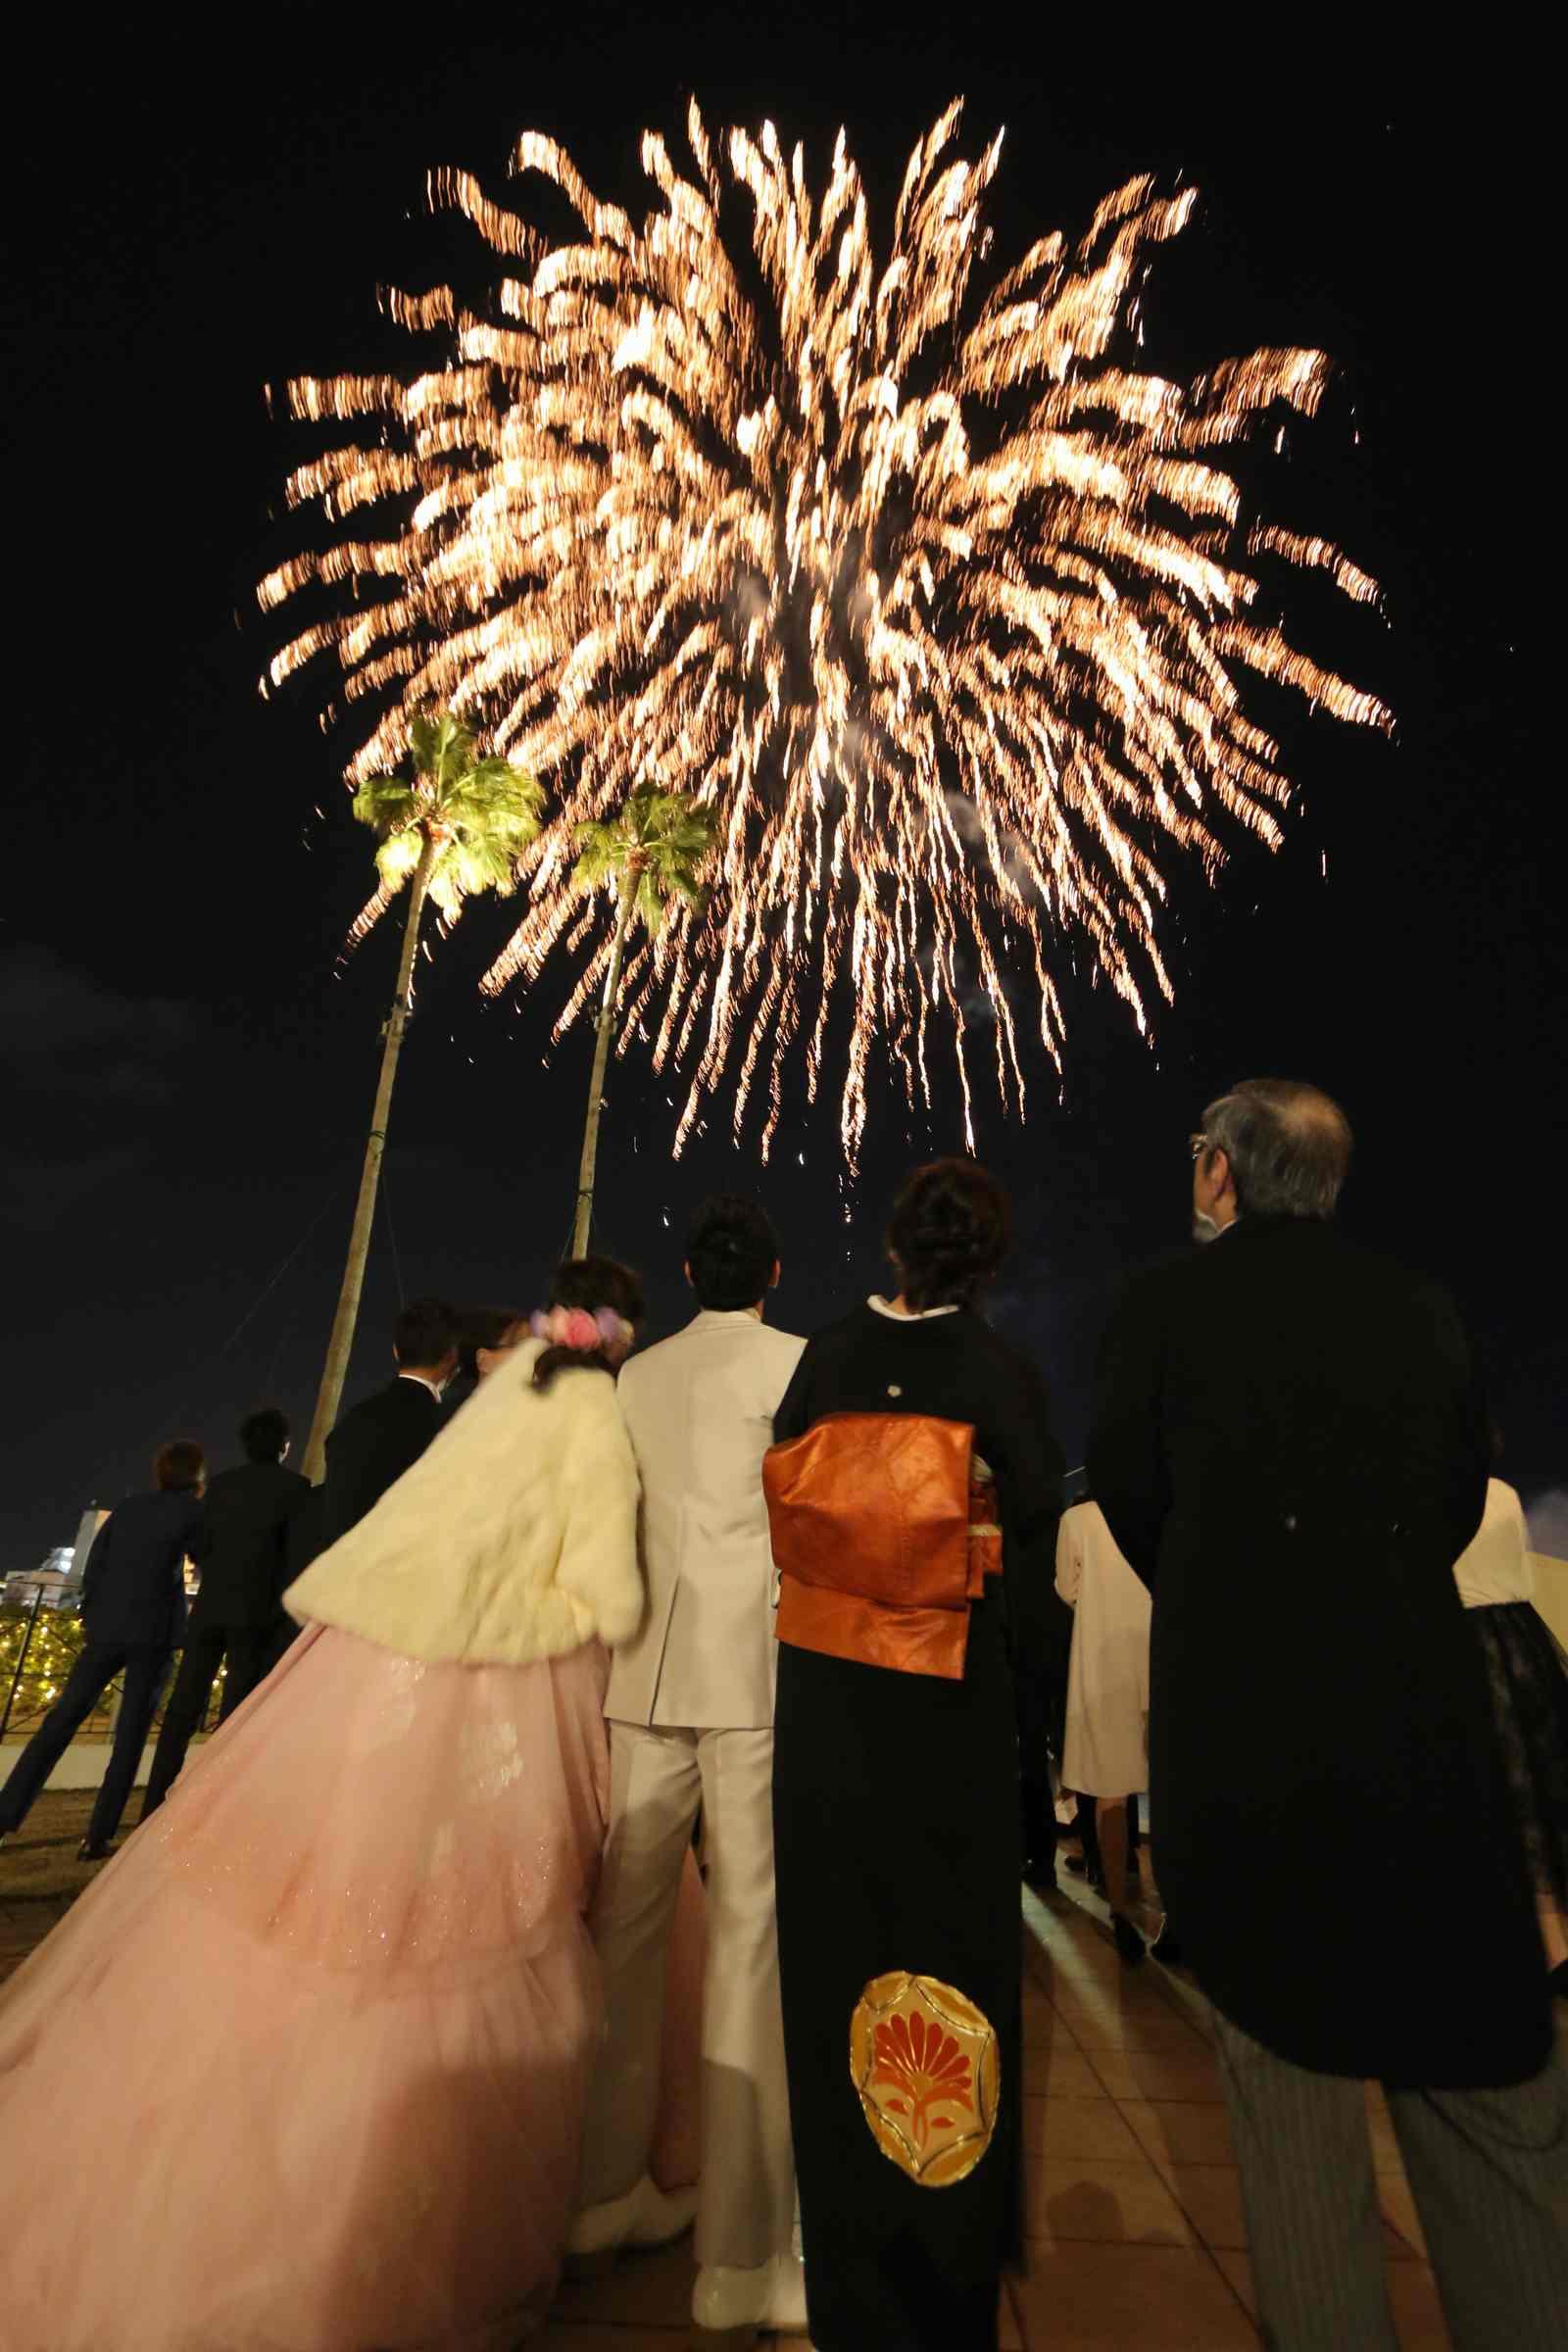 徳島市の結婚式場ブランアンジュの披露宴で人気のナイトウエディング演出打ち上げ花火